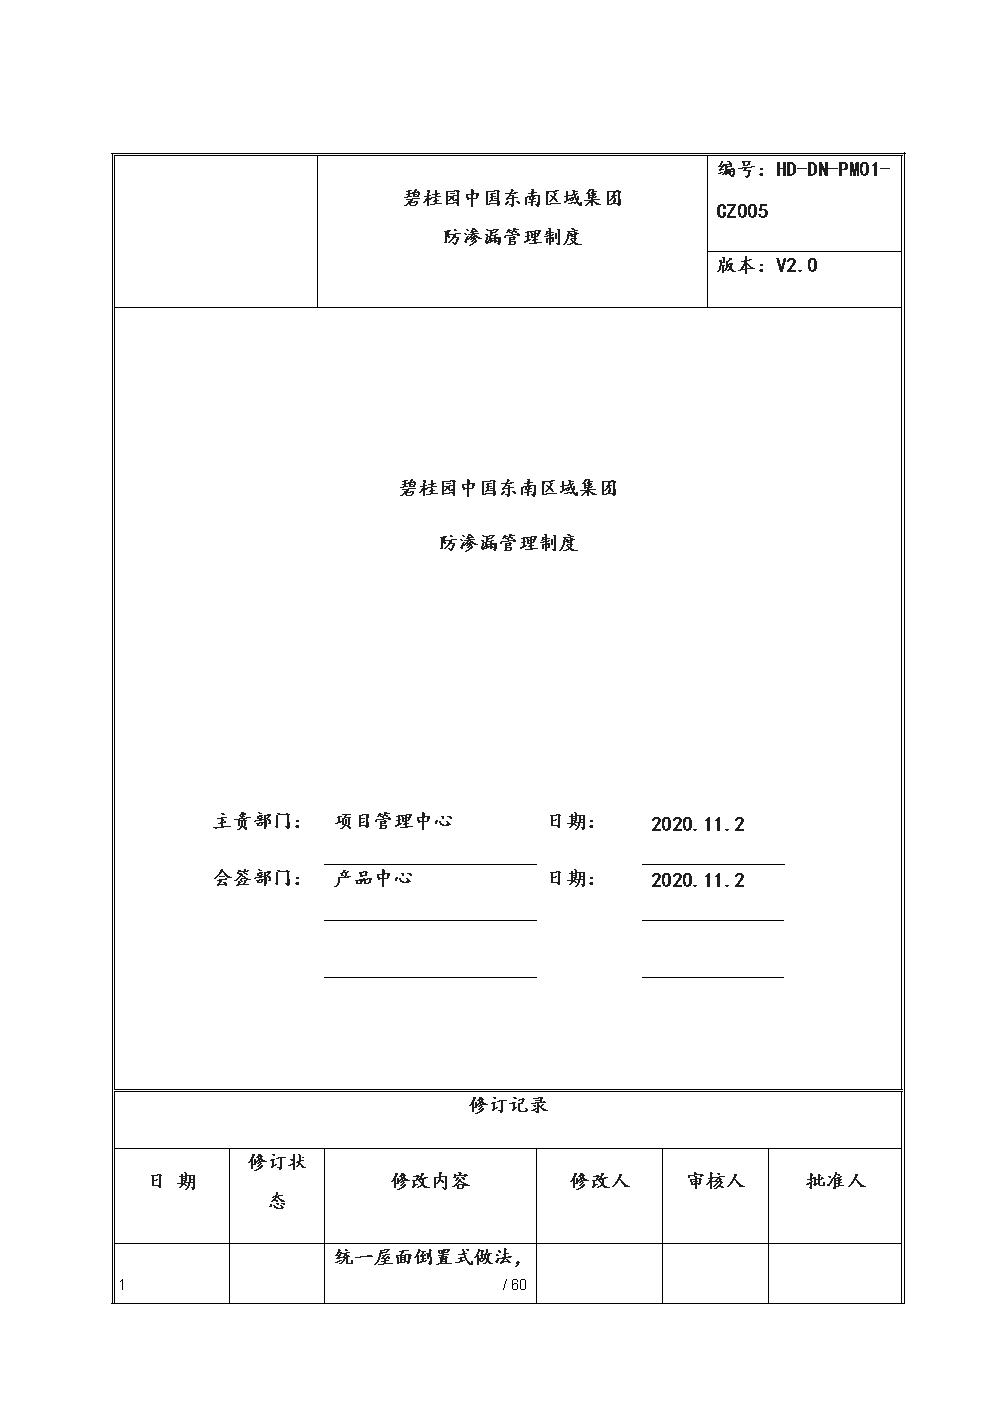 碧桂园中国东南区域企业-防渗漏管理-碧桂园制度V. .docx